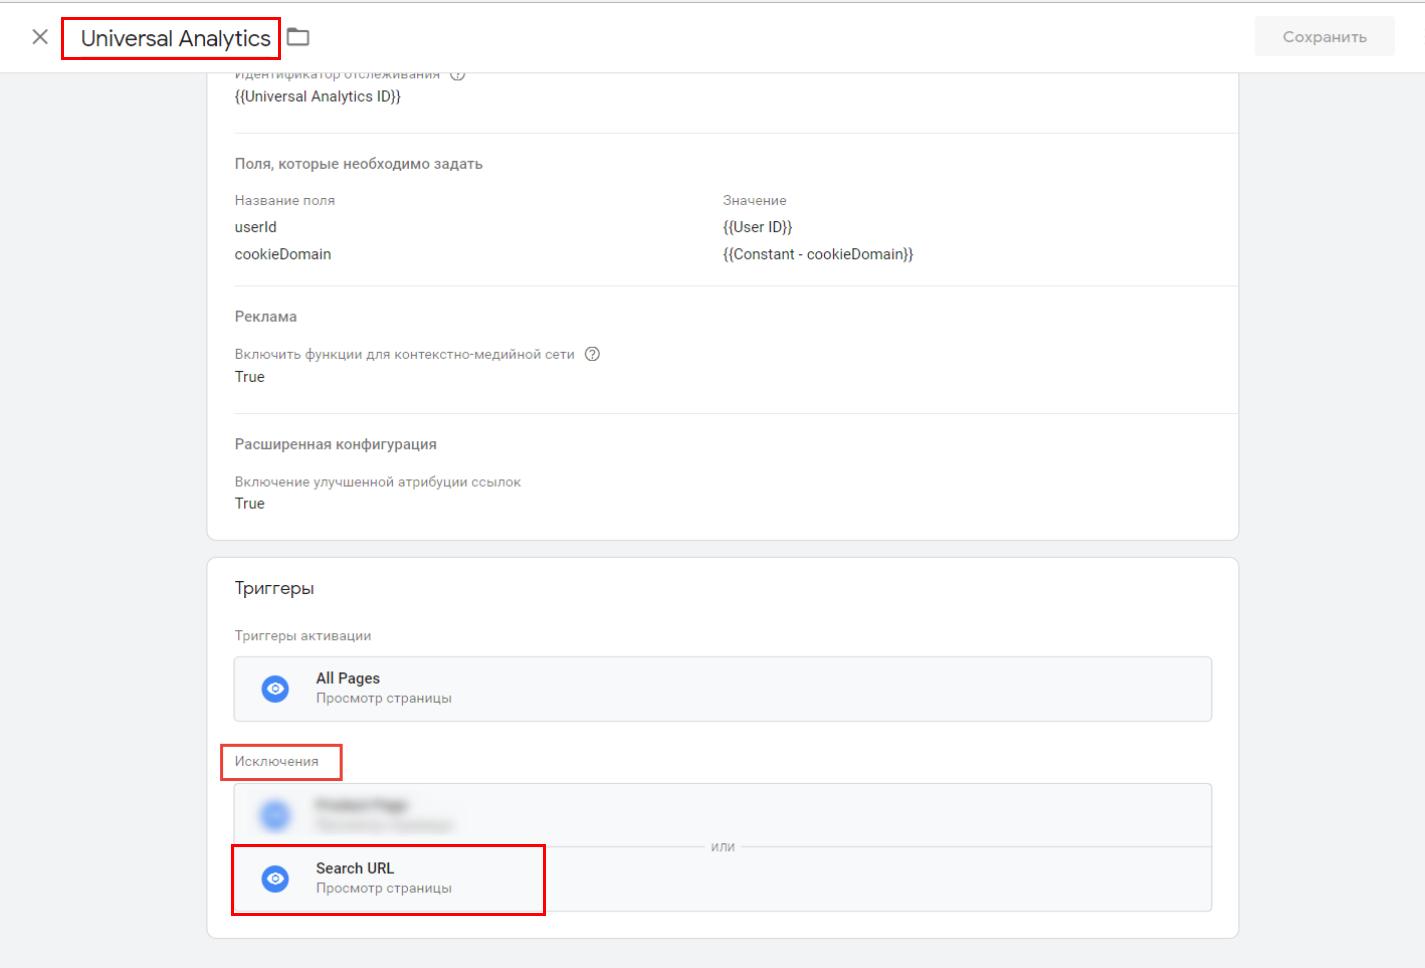 Как отслеживать поиск по сайту с помощью тегов  инструкция для маркетологов